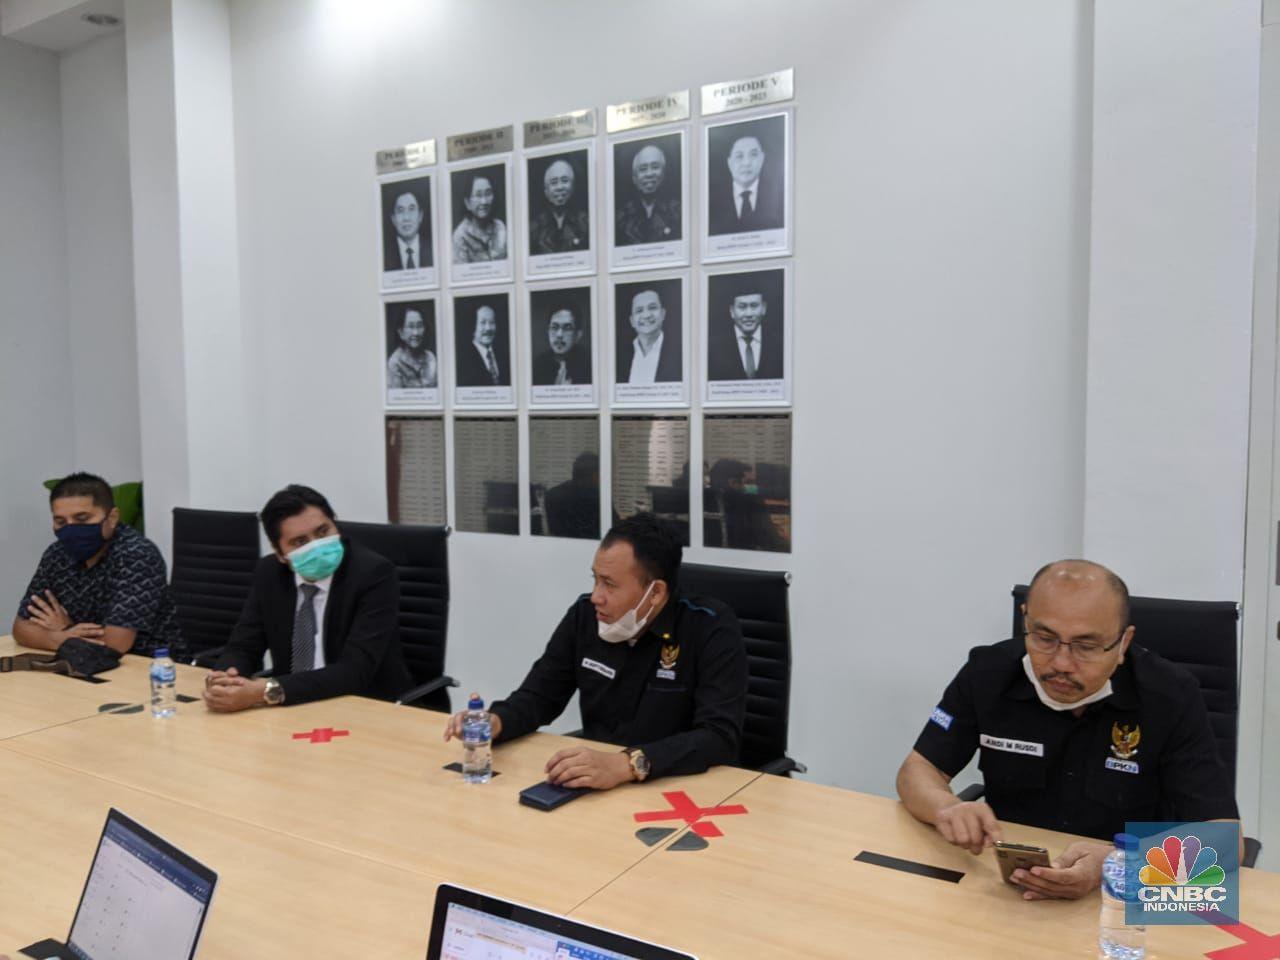 Komisioner BPKN bertemu Kuasa Hukum Korban Grab Toko dan Para Korban terkait dengan kasus Grab Toko (CNBC Indonesia/ Emir Yanwardhana)